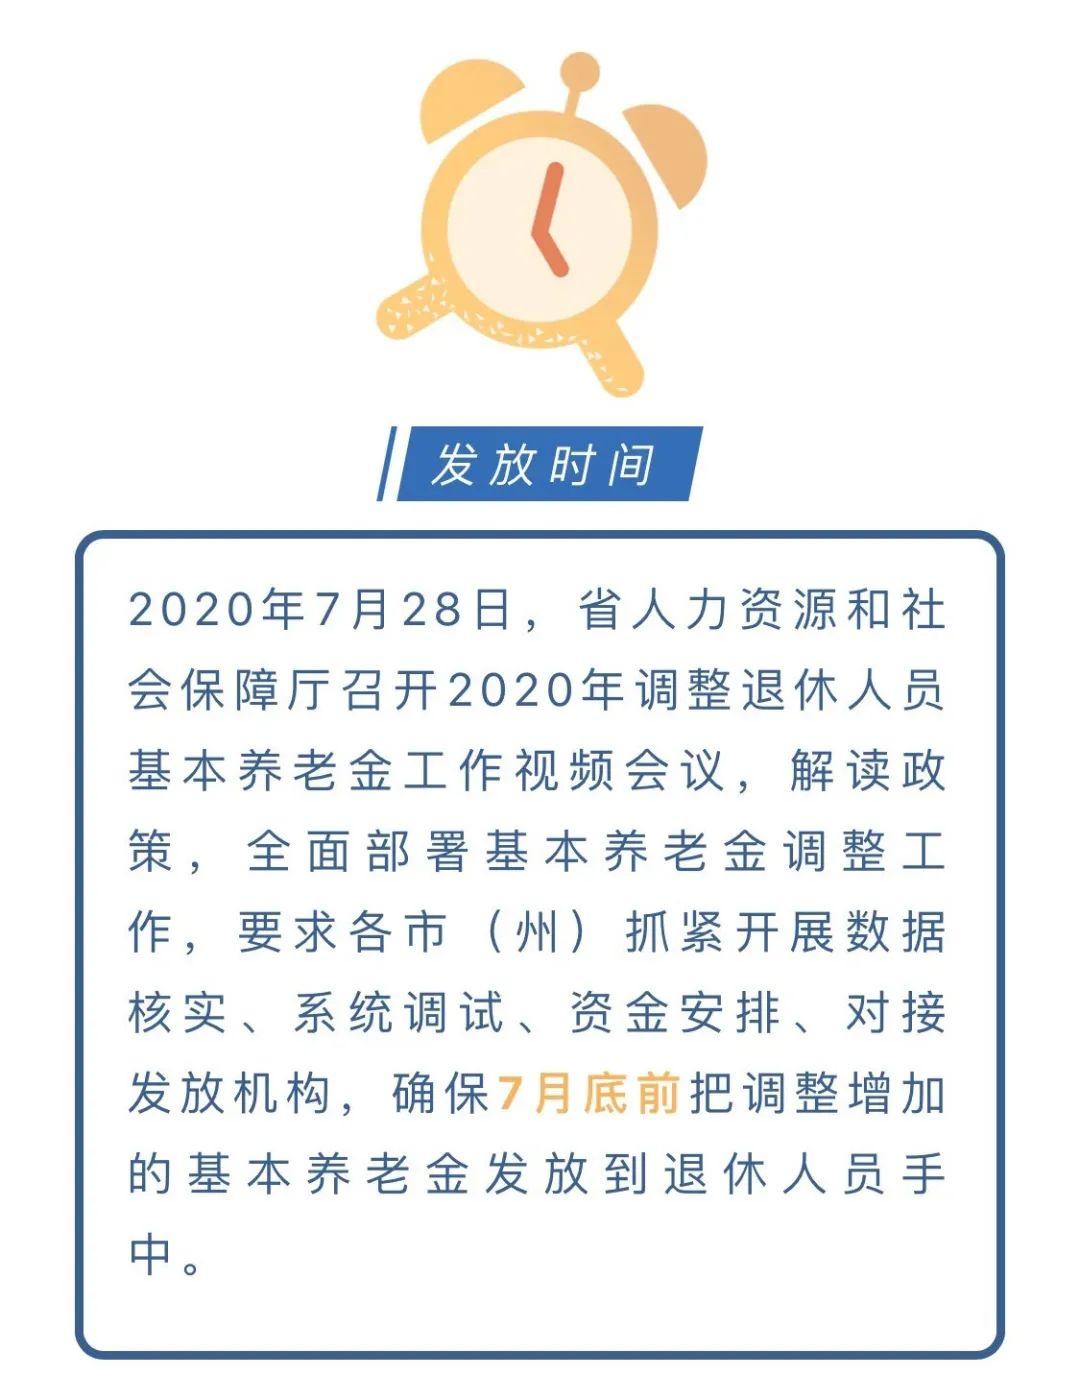 2020年成都市养老金查询指南